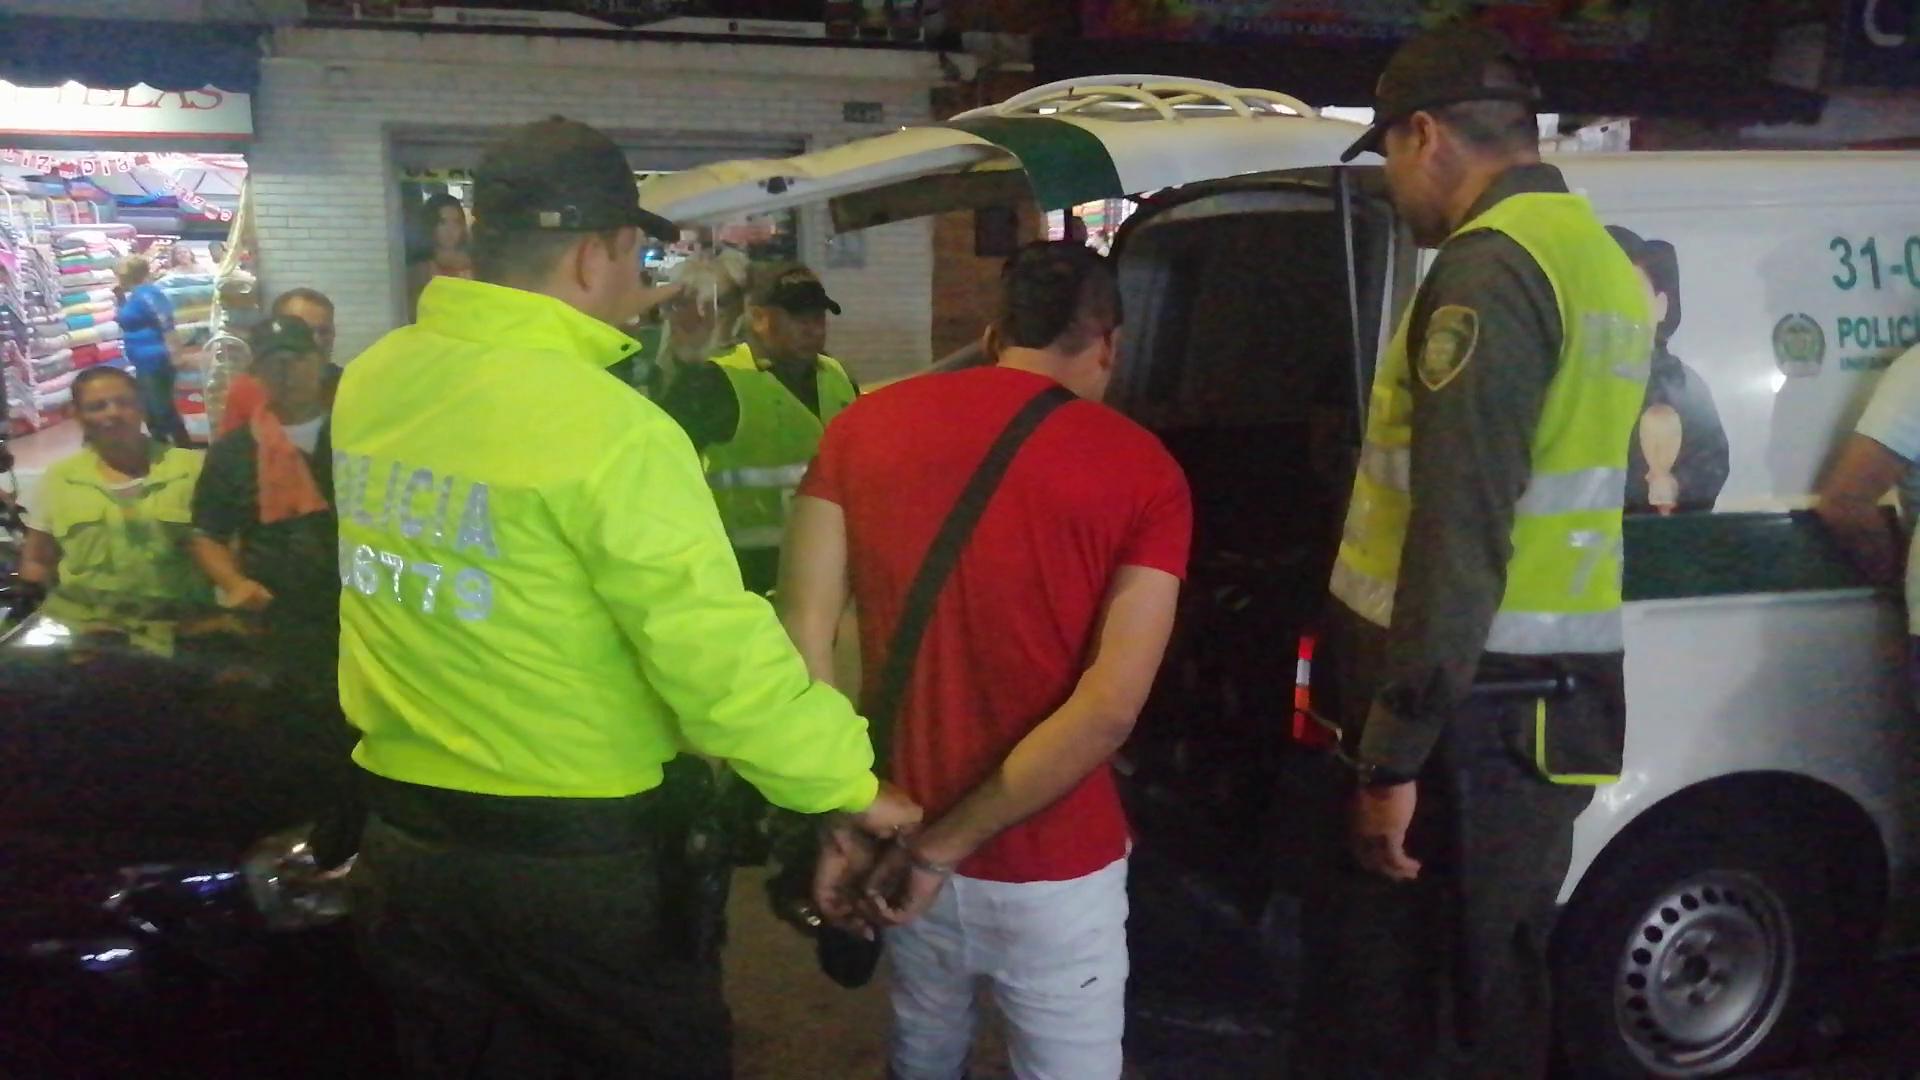 Por vender pornografía infantil fueron capturados dos sujetos en Bucaramanga | Local | Justicia | EL FRENTE